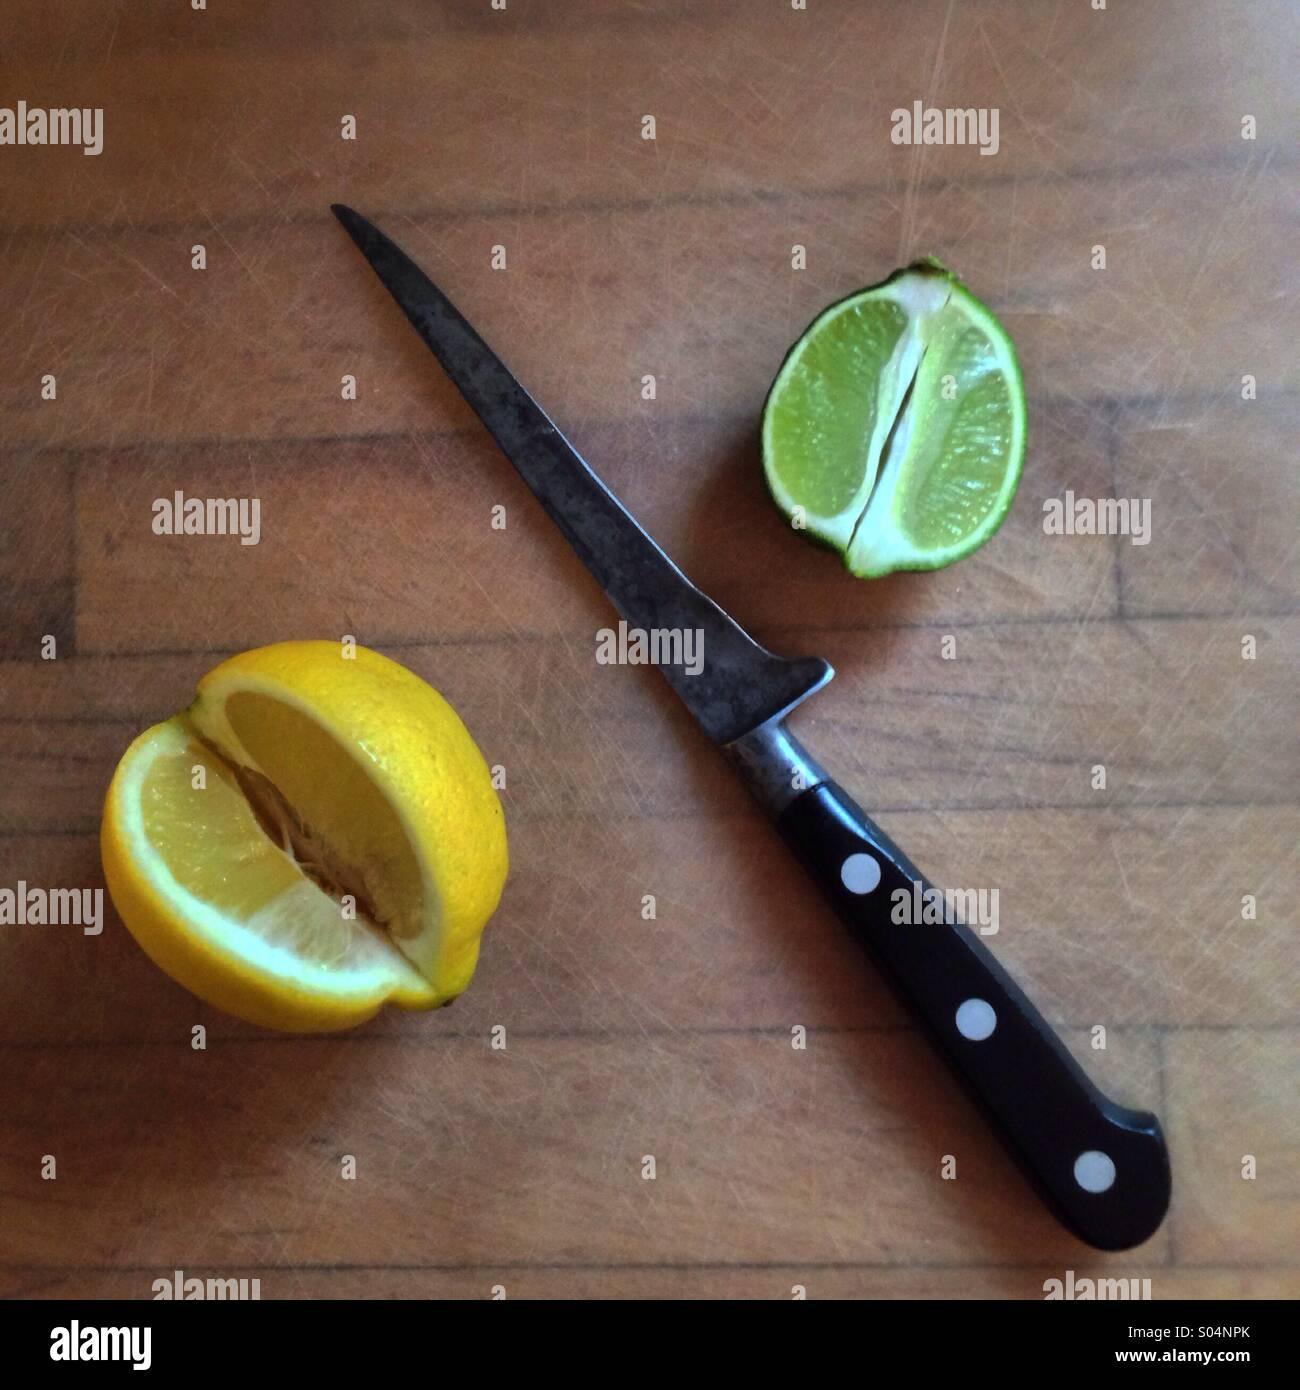 Lemon Lime - Stock Image